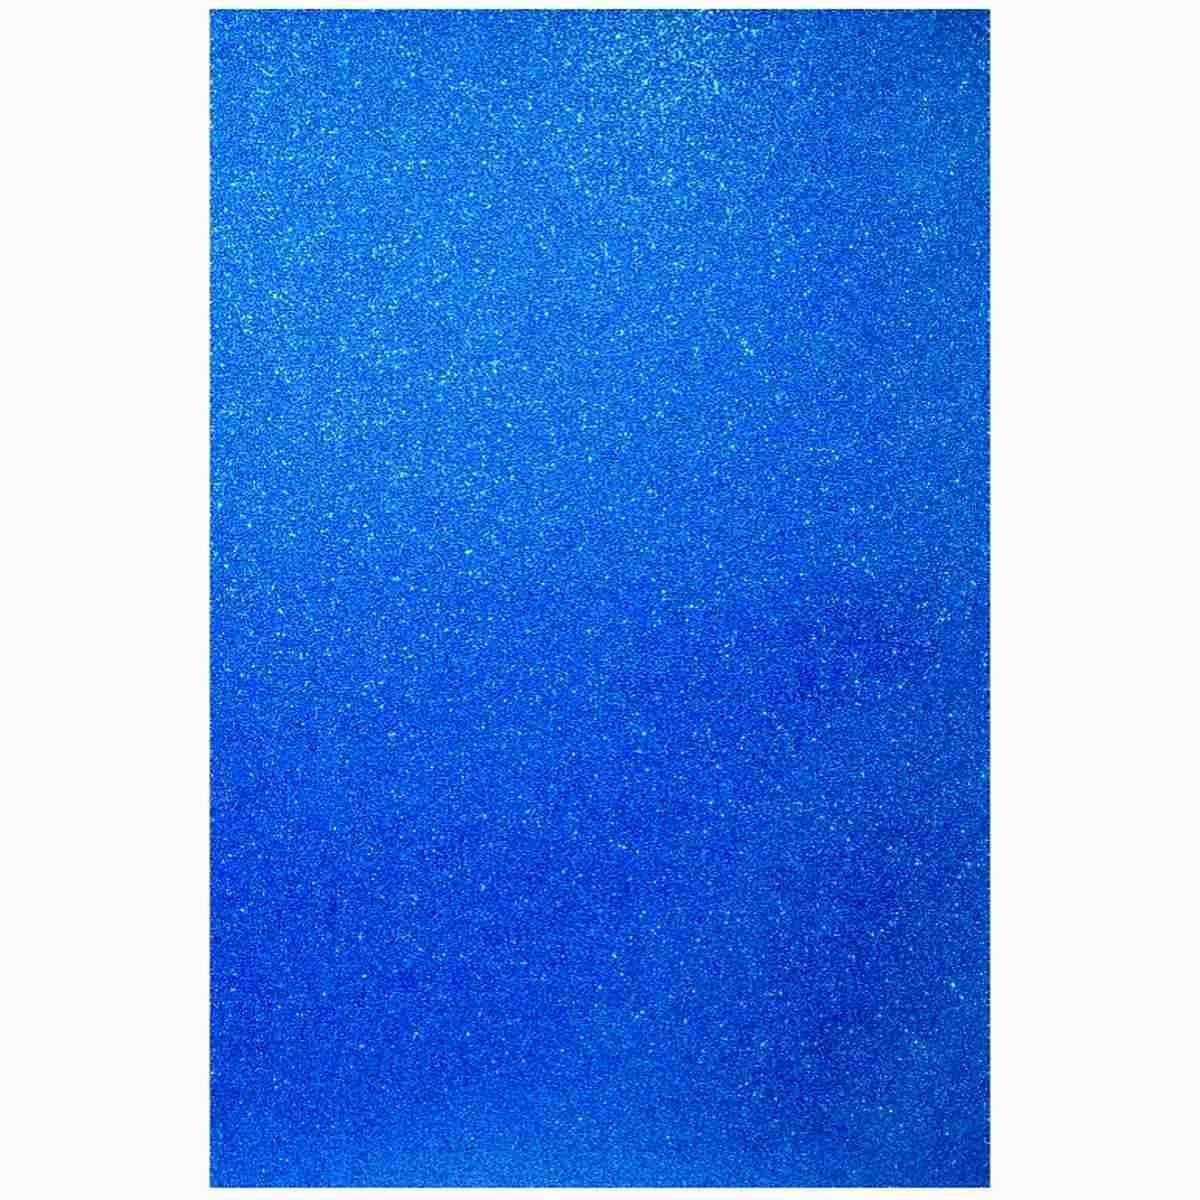 Glitter Foam A3 Sheet Without Sticker Blue